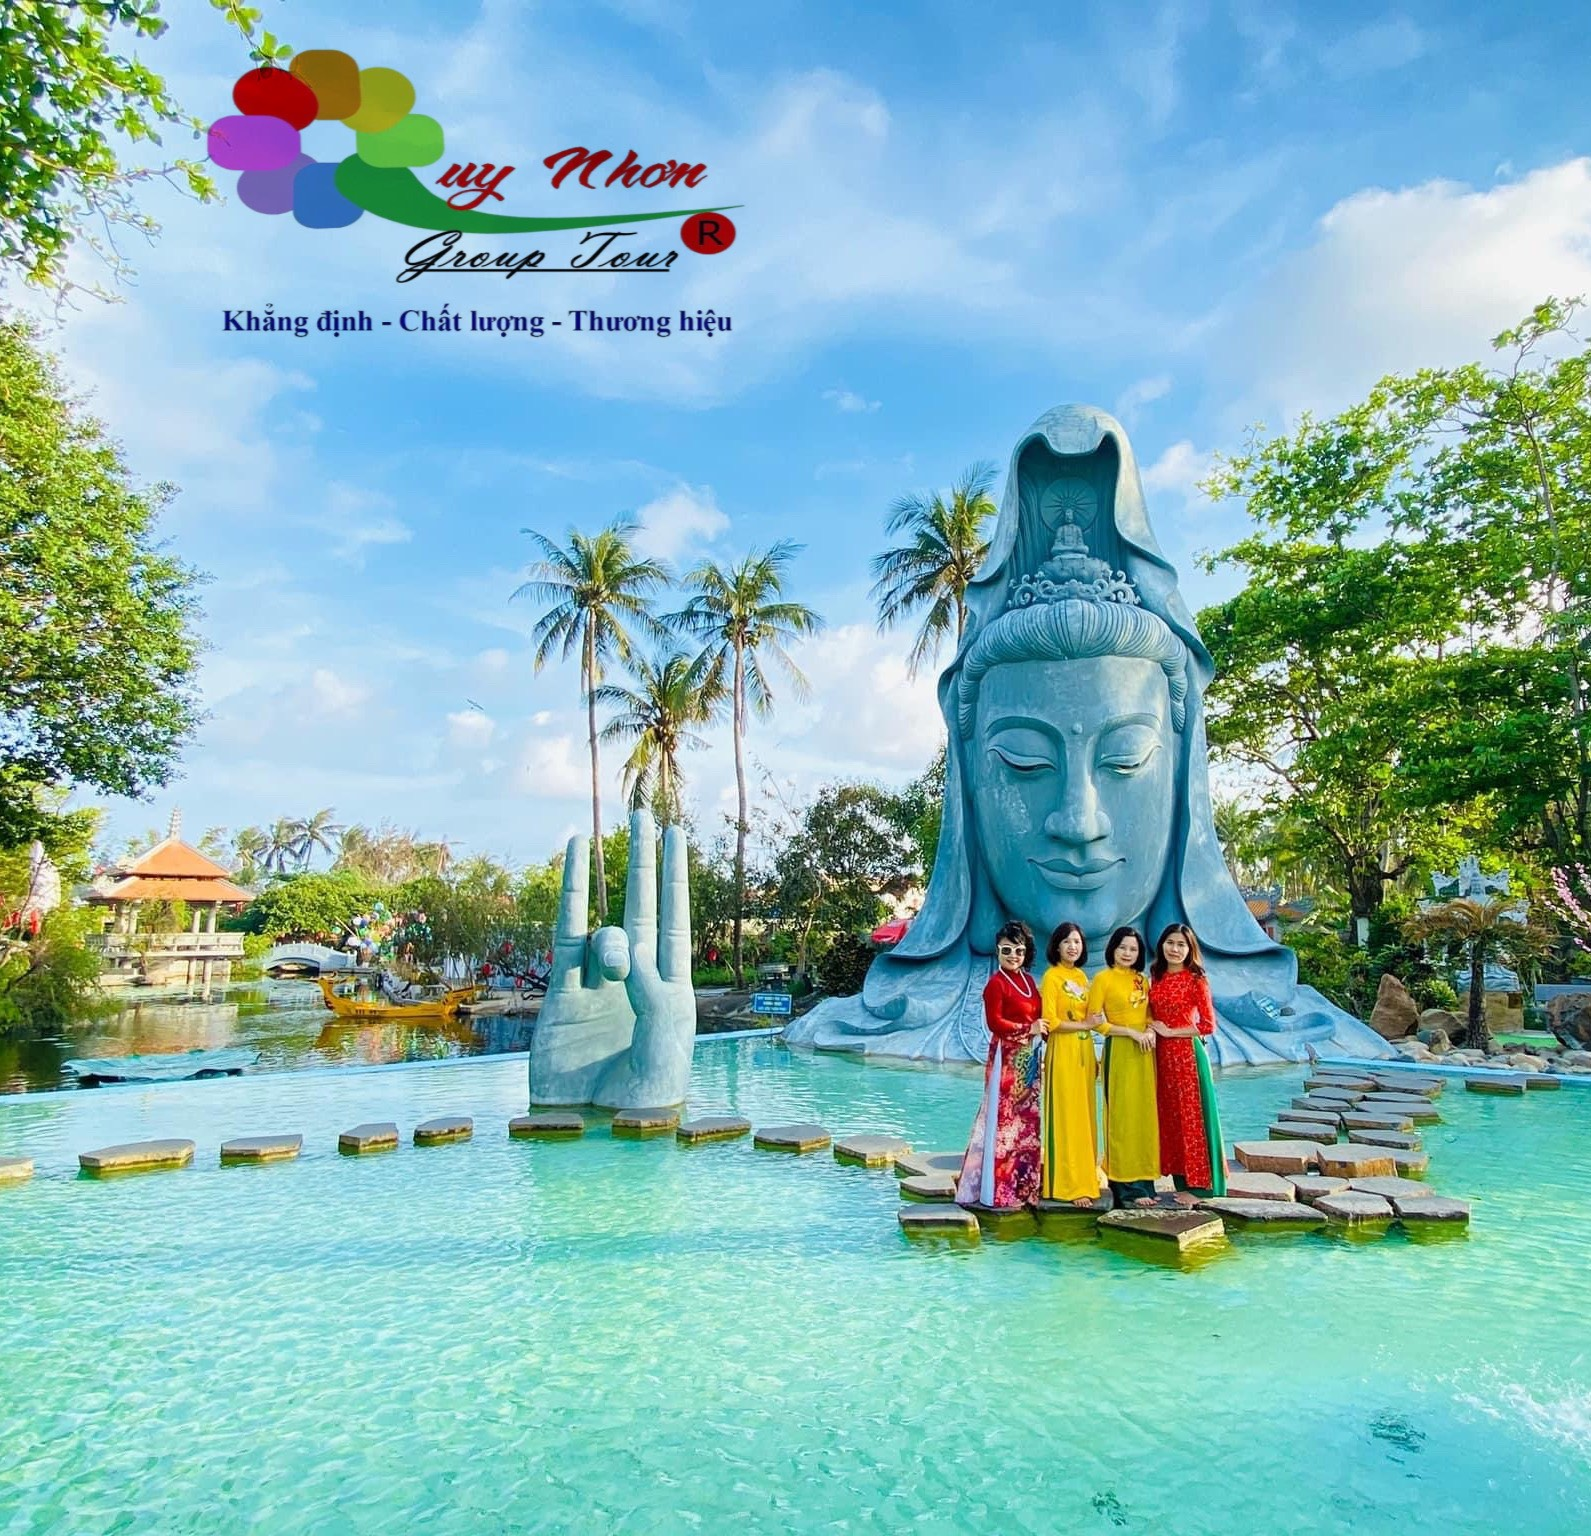 Tour Phú Yên- Chùa Thanh Lương- Gành Đá Đĩa – Nhà thờ Mằng Lăng 1 ngày